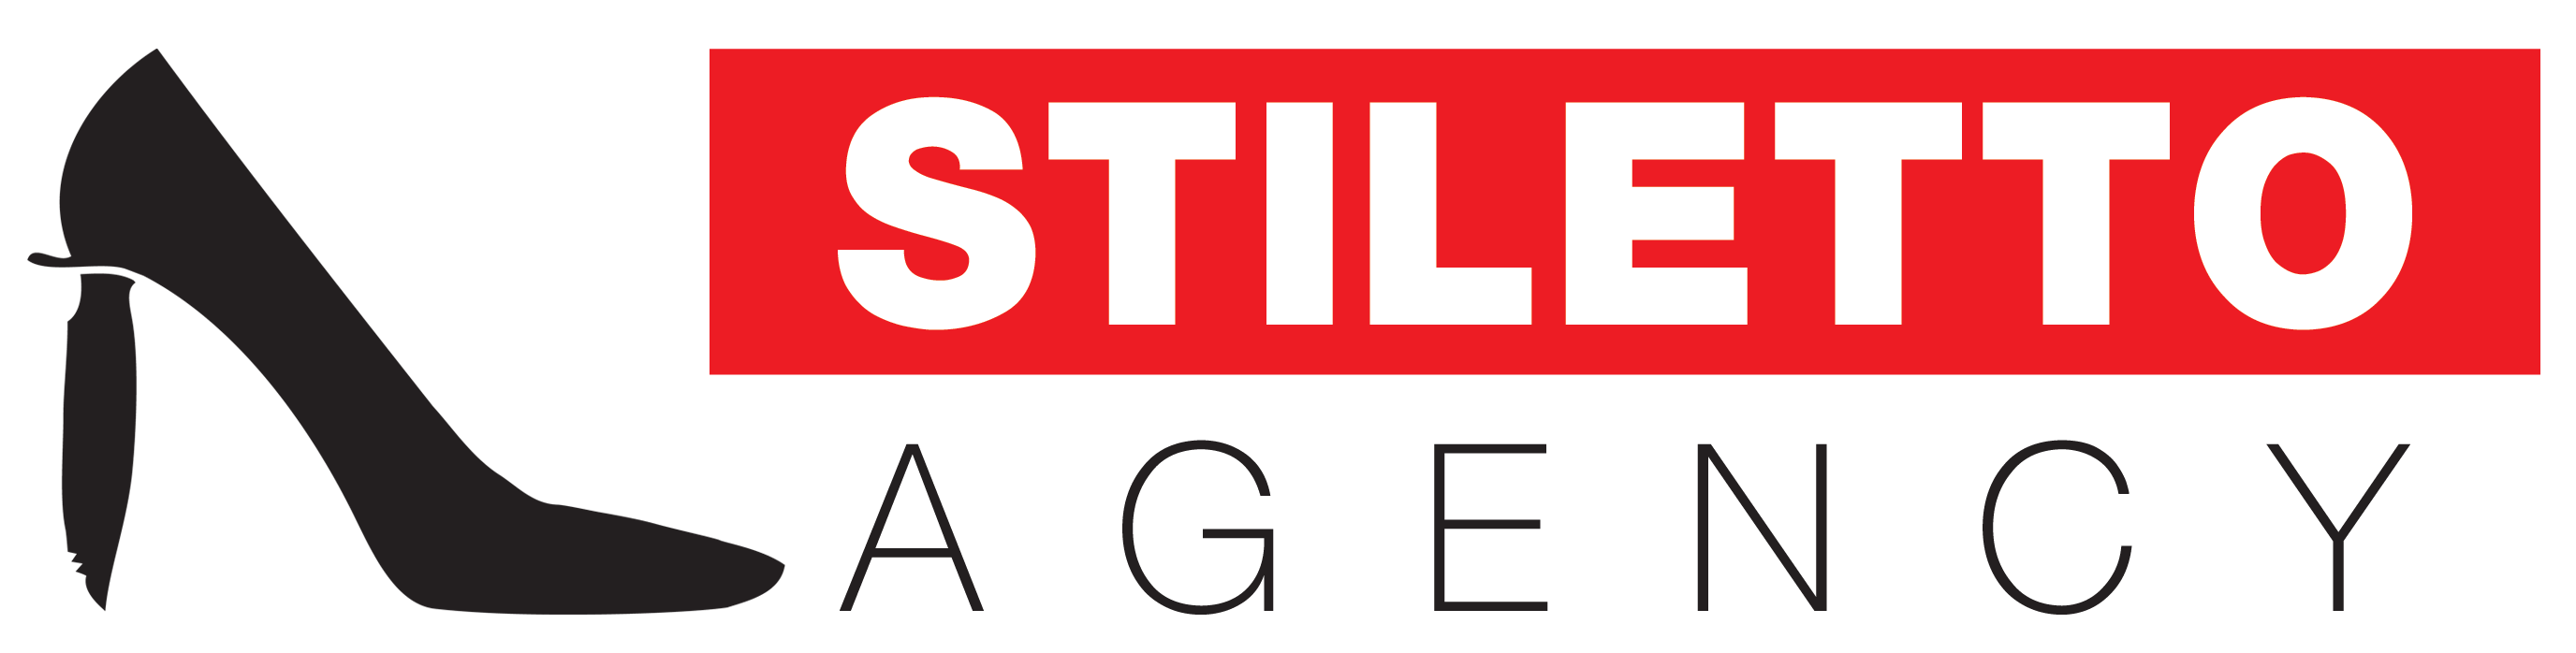 Stiletto Agency